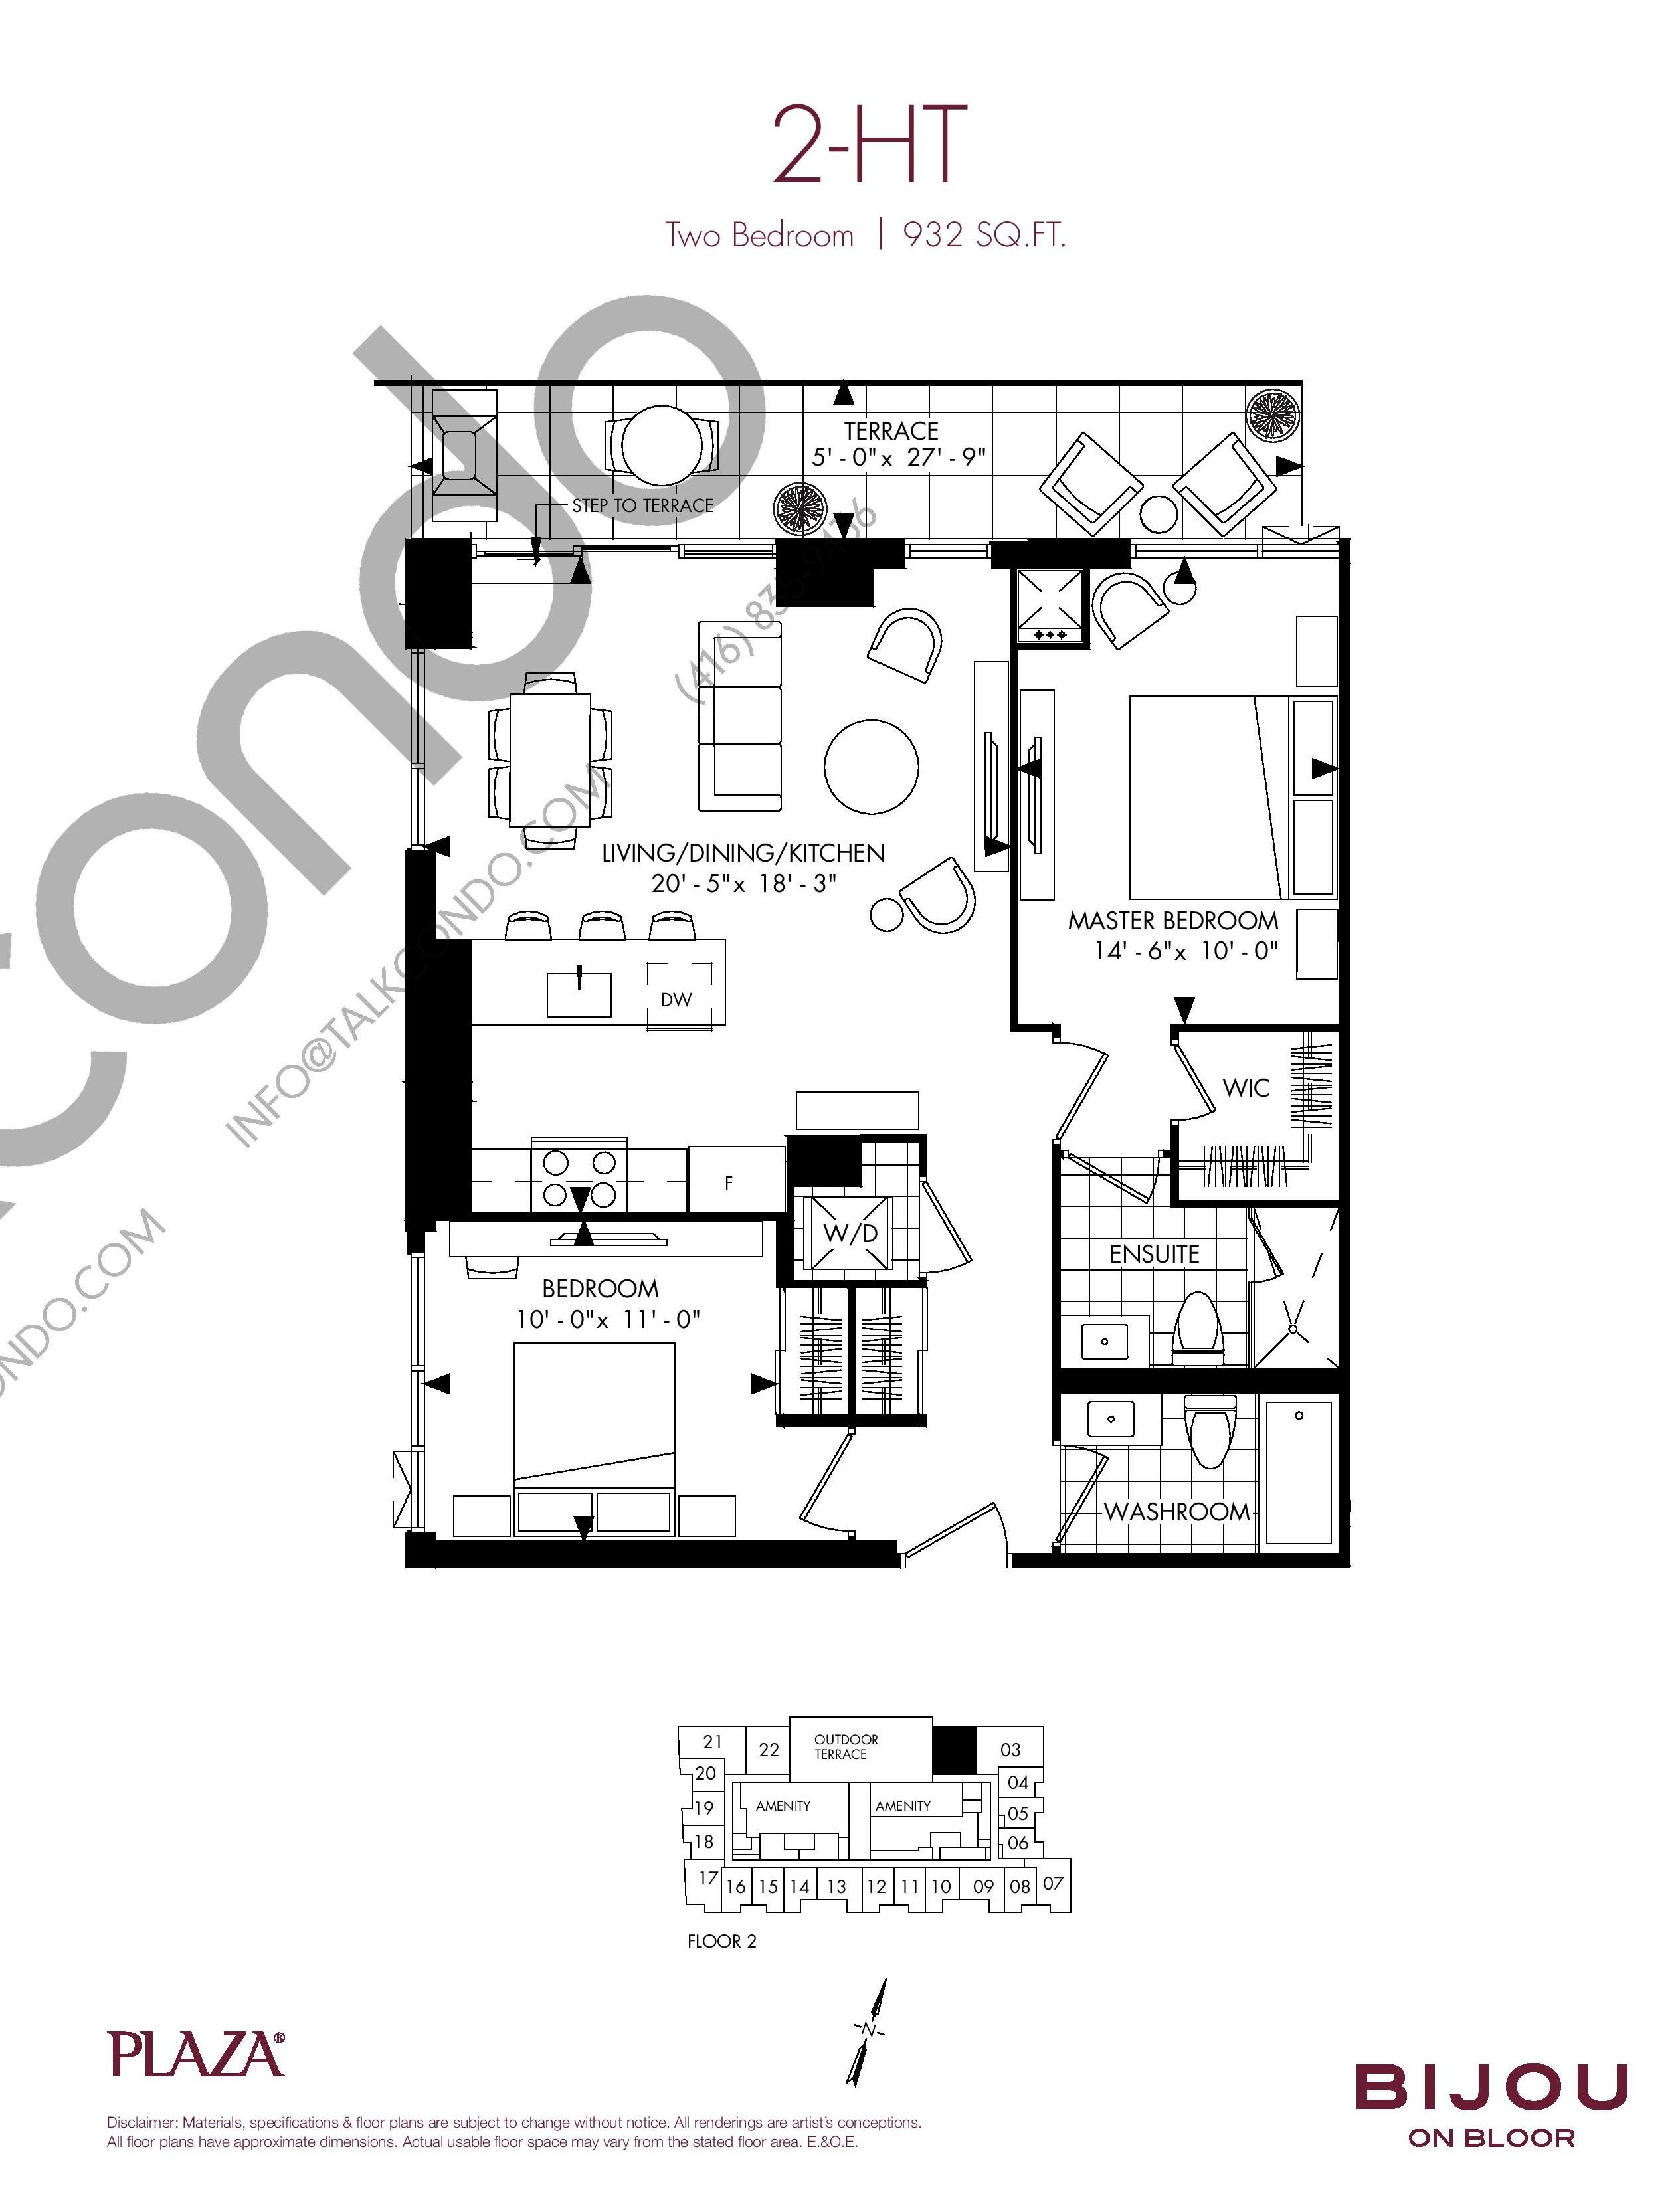 2-HT Floor Plan at Bijou On Bloor Condos - 932 sq.ft